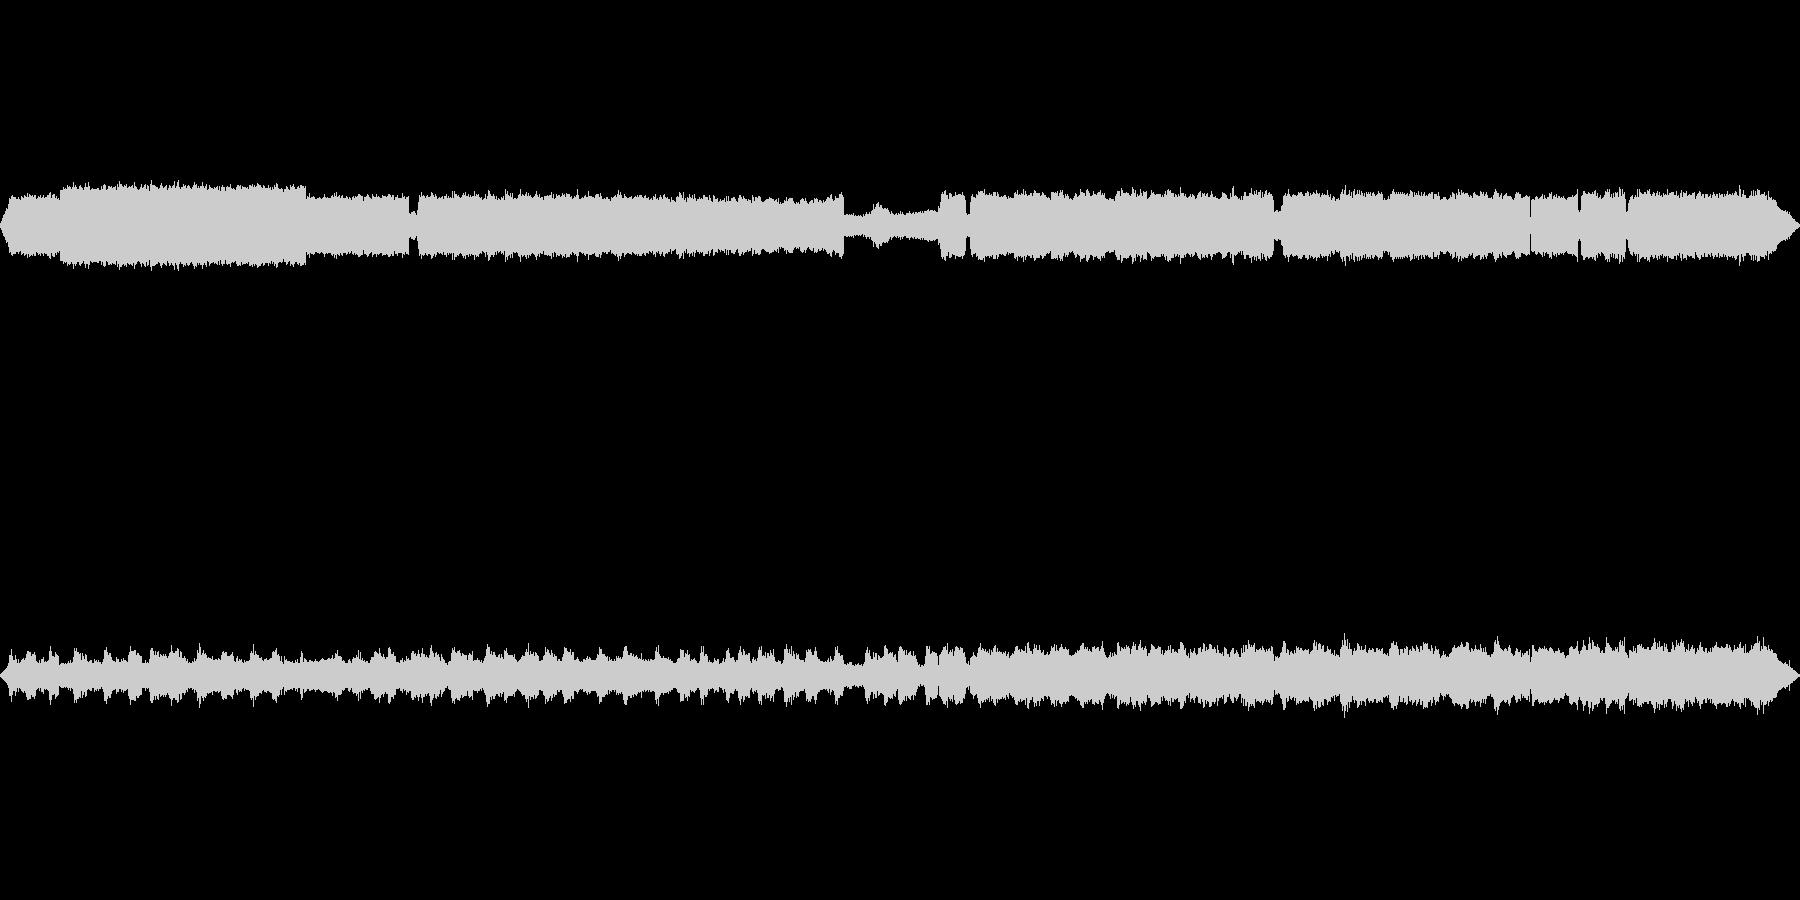 【自然音】秋の虫の鳴き声02の未再生の波形